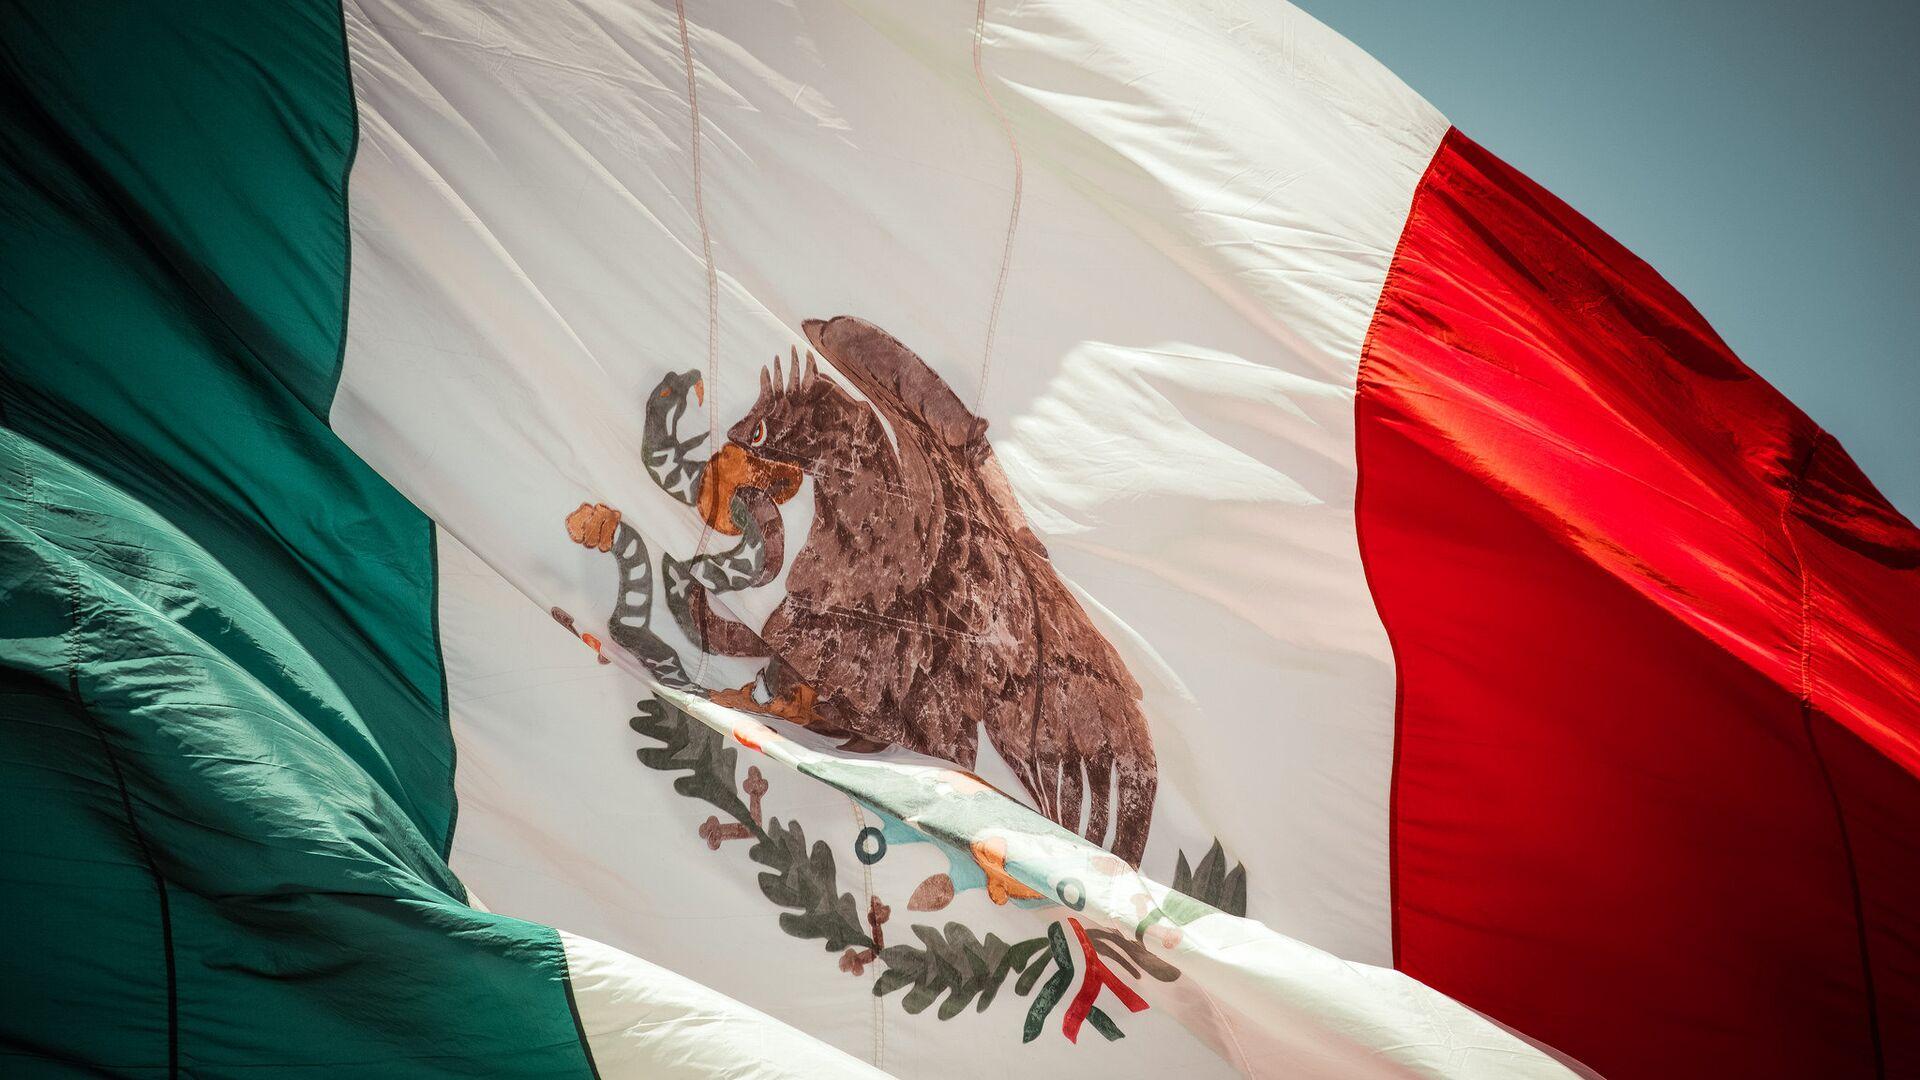 Bandera de México - Sputnik Mundo, 1920, 07.10.2021